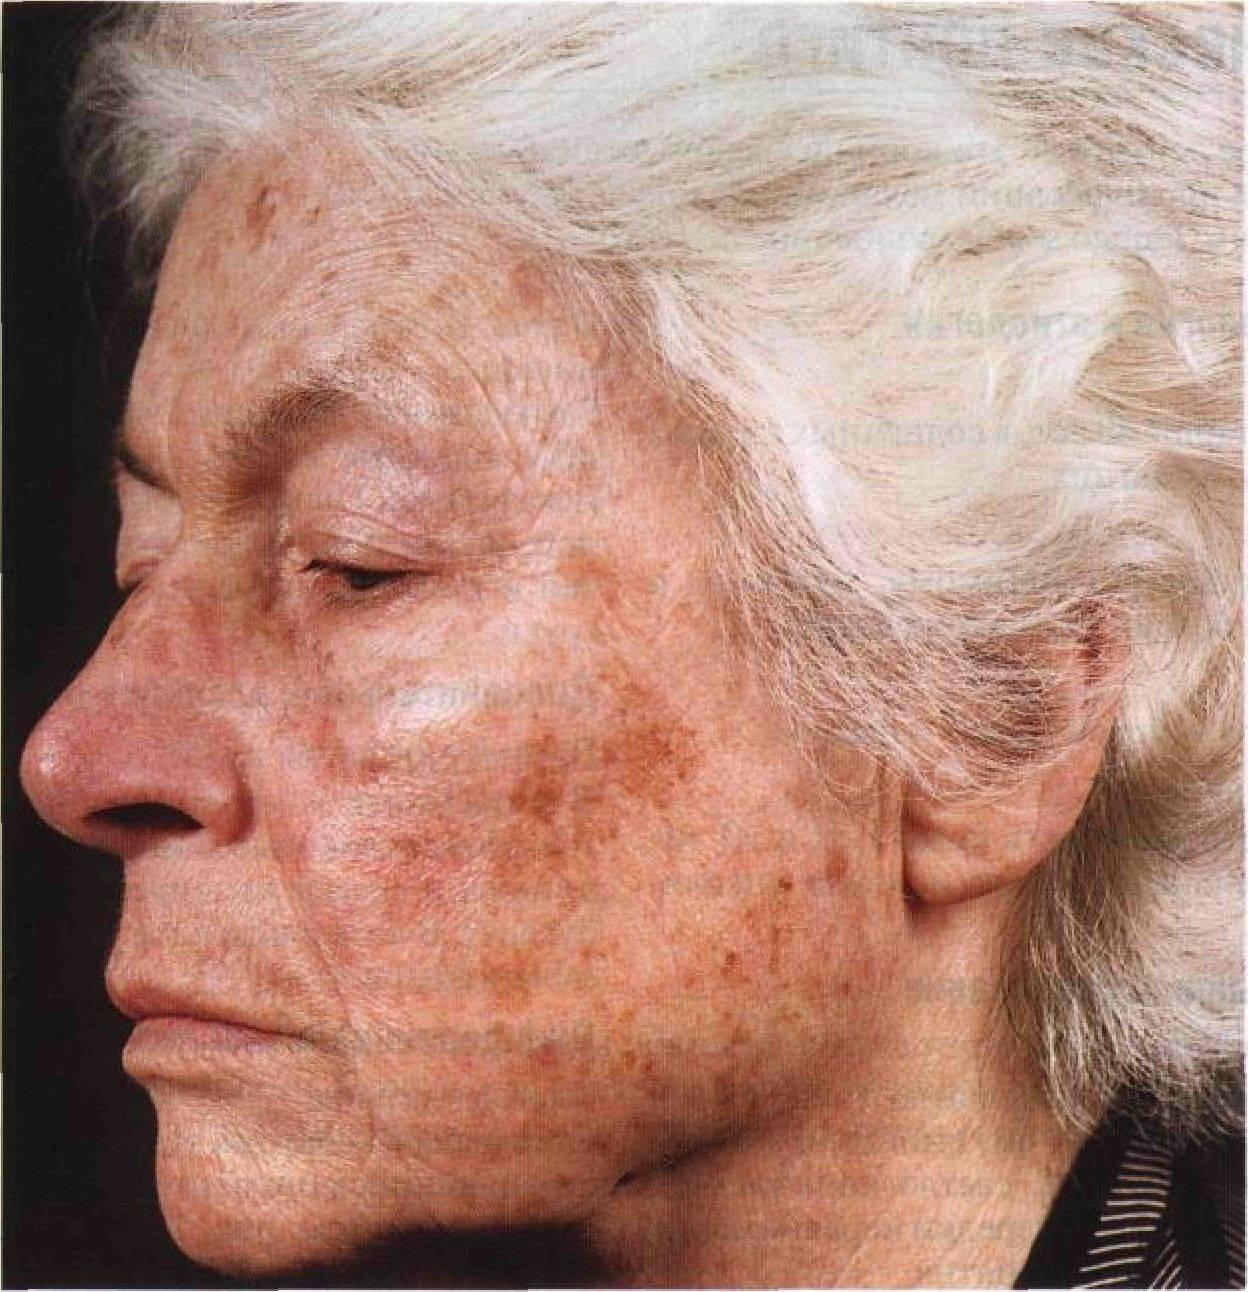 Кожные заболевания: виды, фото с описанием, причины, симптомы, лечение